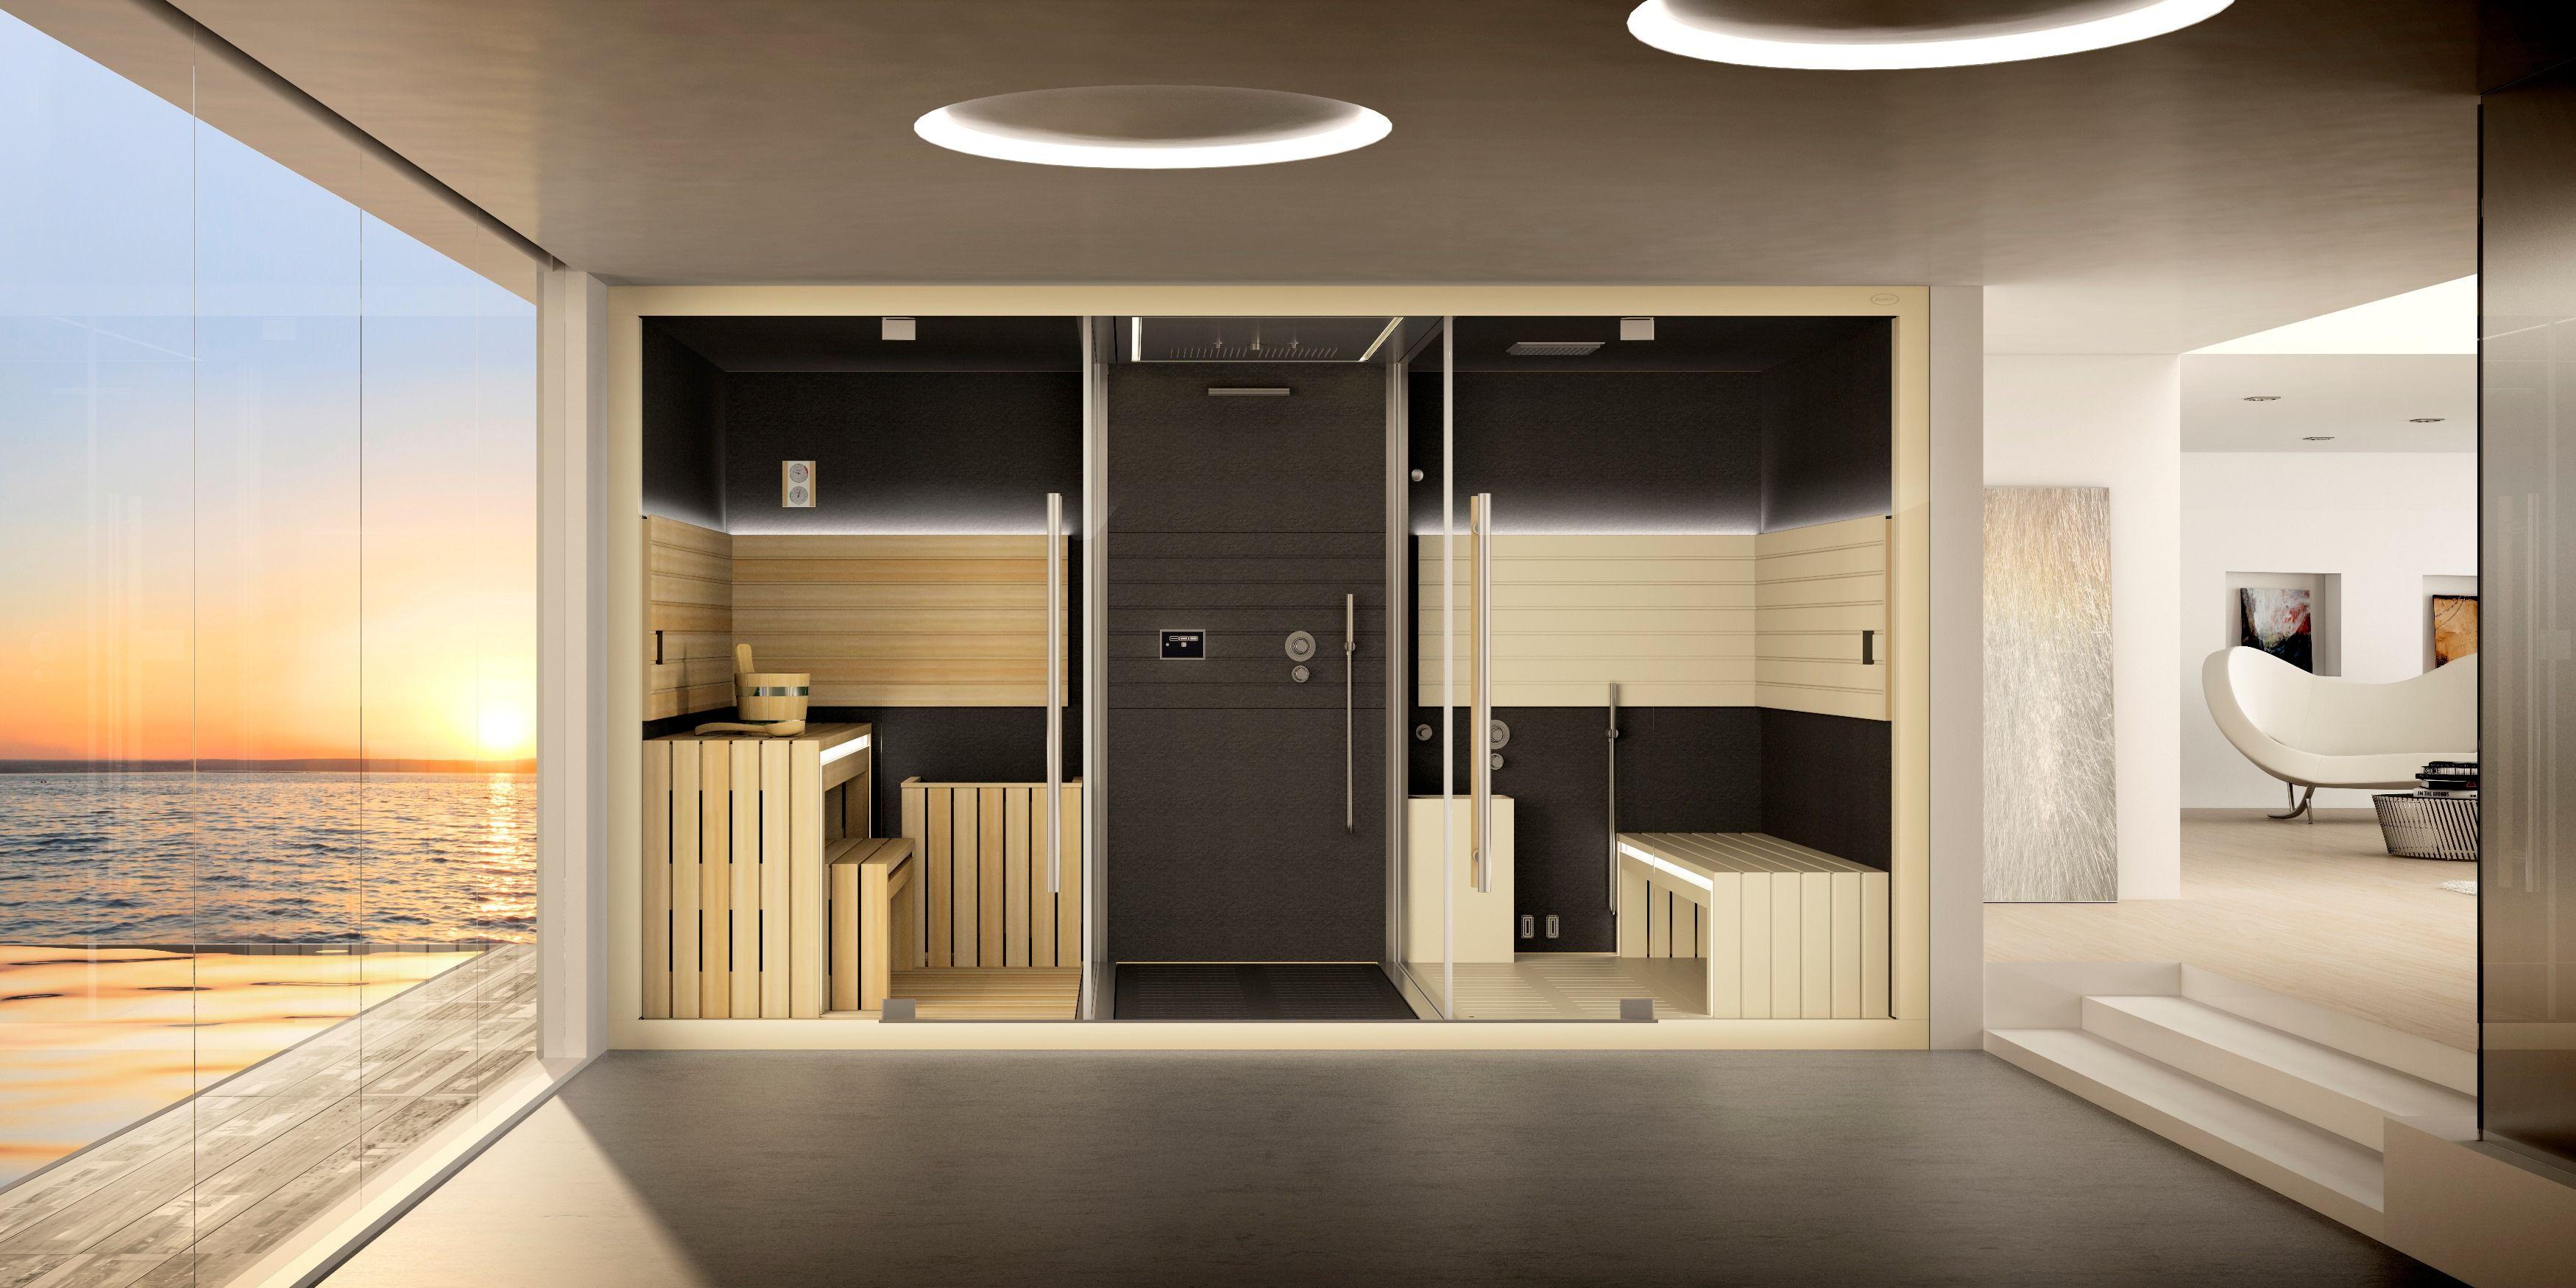 Cabine Douche Thalasso pour sauna-hammam-douche, sasha de jacuzzi® un véritable centre wellness